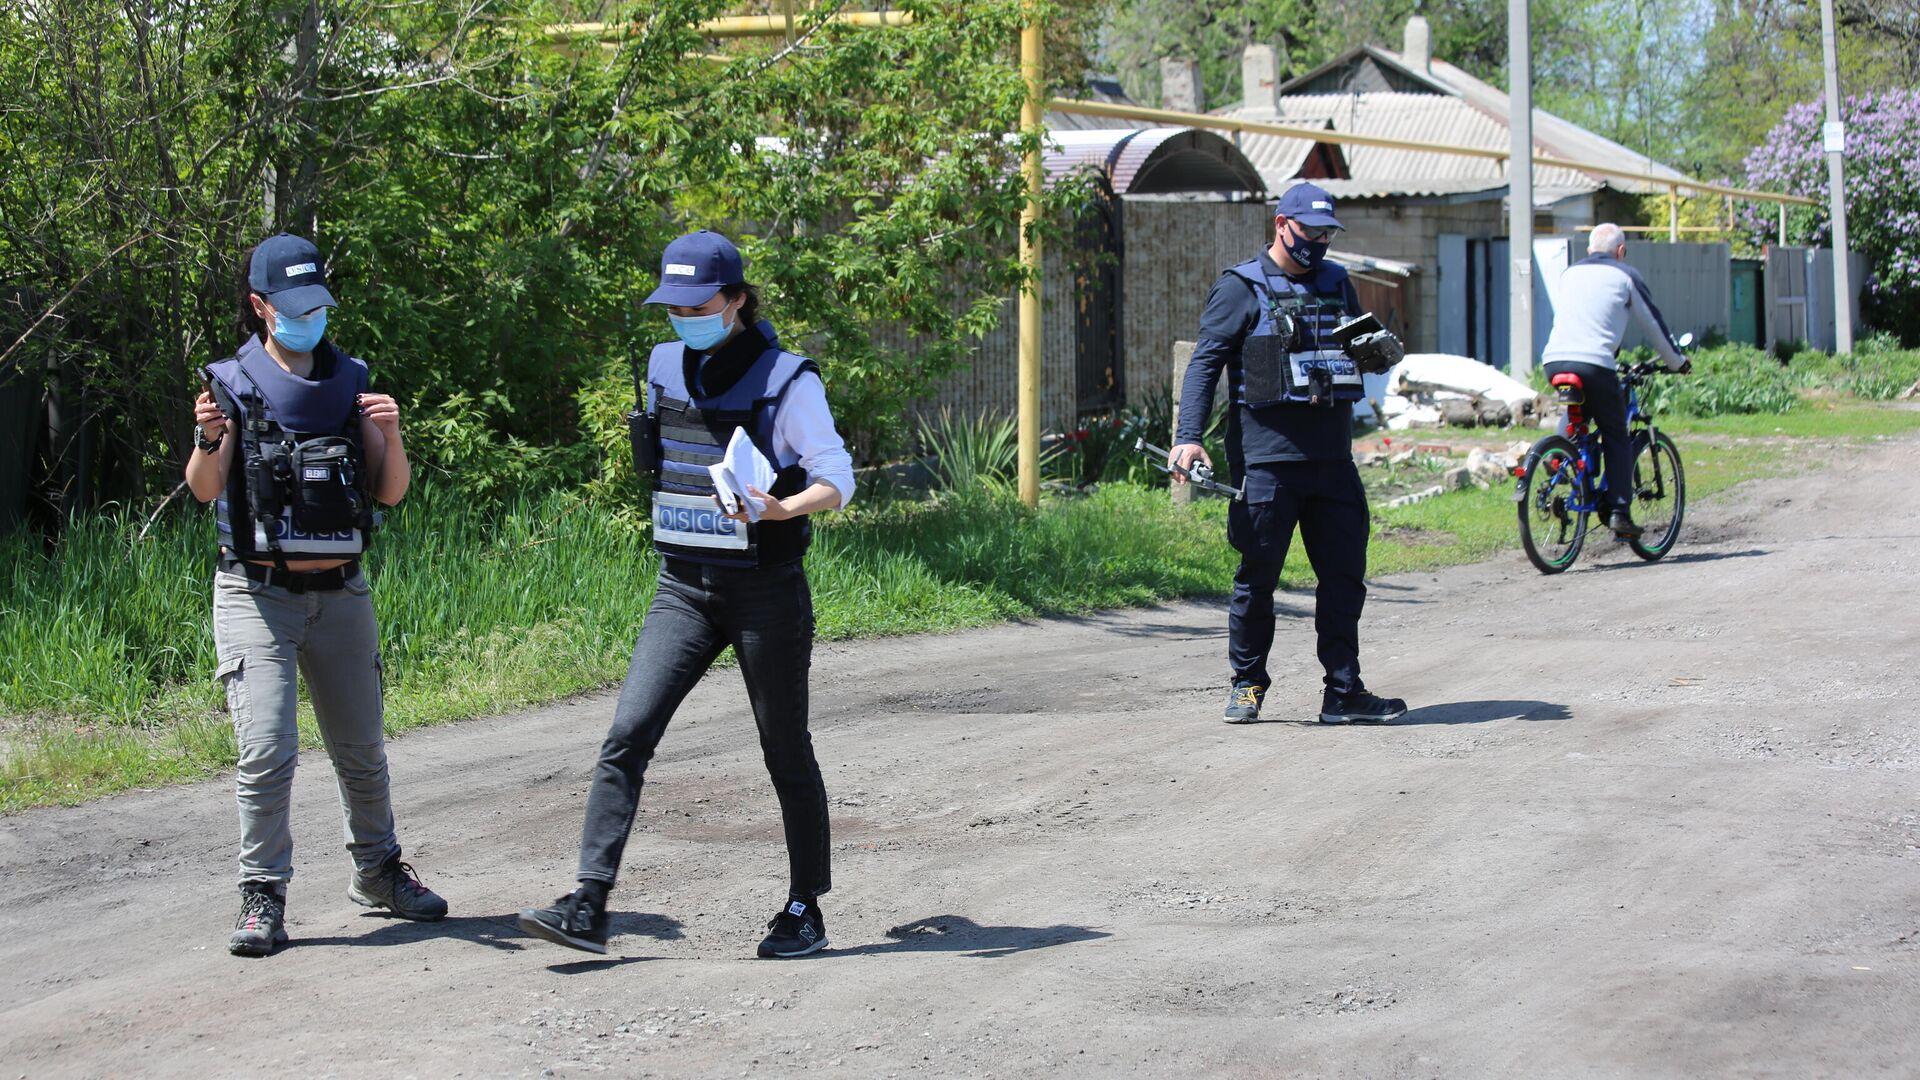 Представители мониторинговой миссии ОБСЕ прибыли на место обстрела в Петровском районе Донецка - РИА Новости, 1920, 07.07.2021